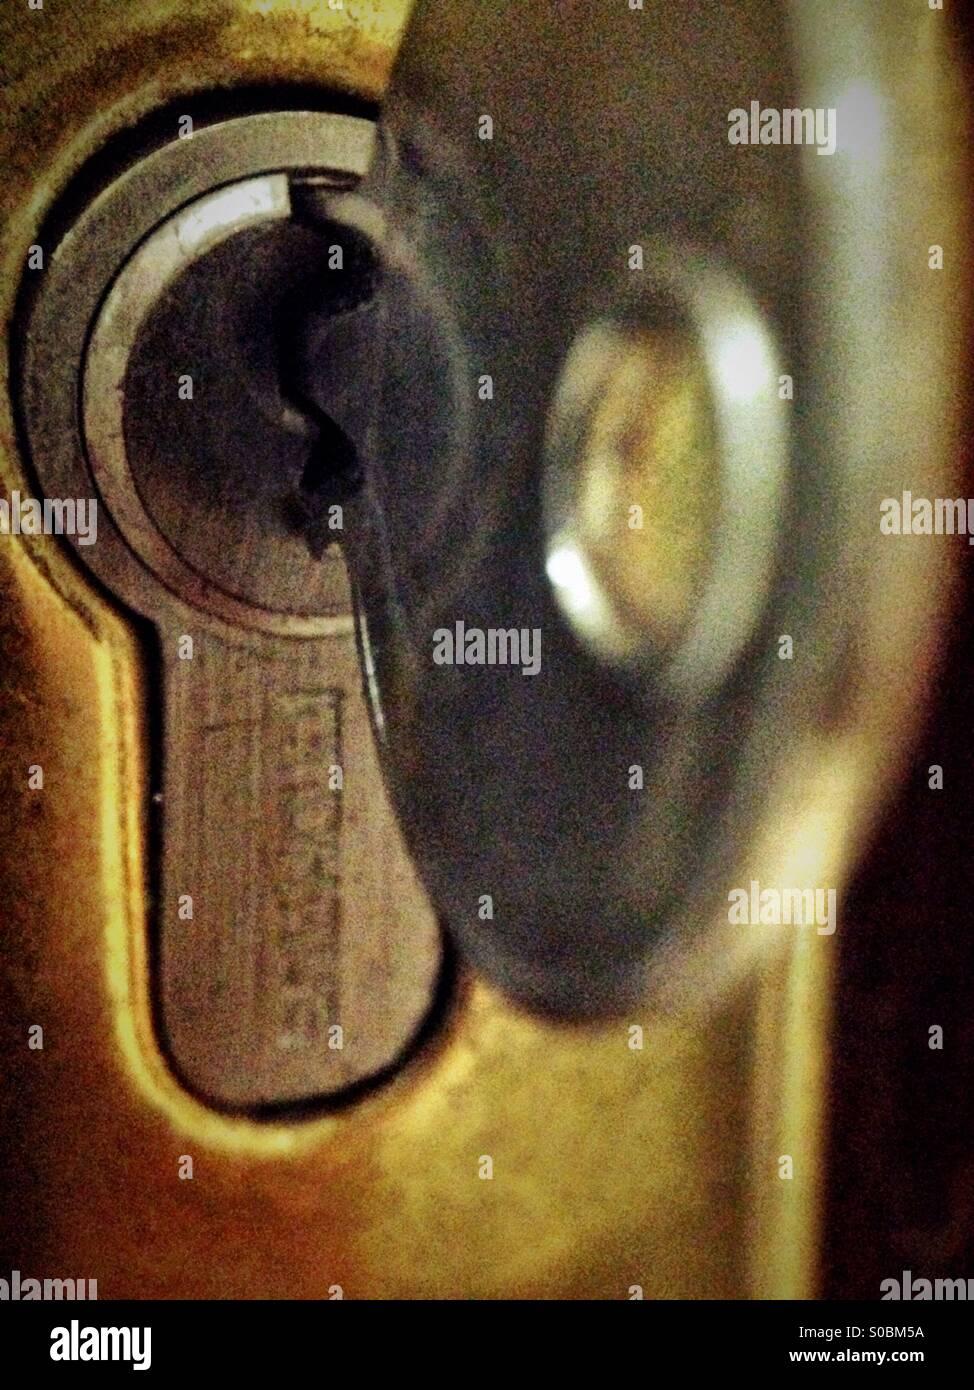 El desbloqueo de la puerta Imagen De Stock